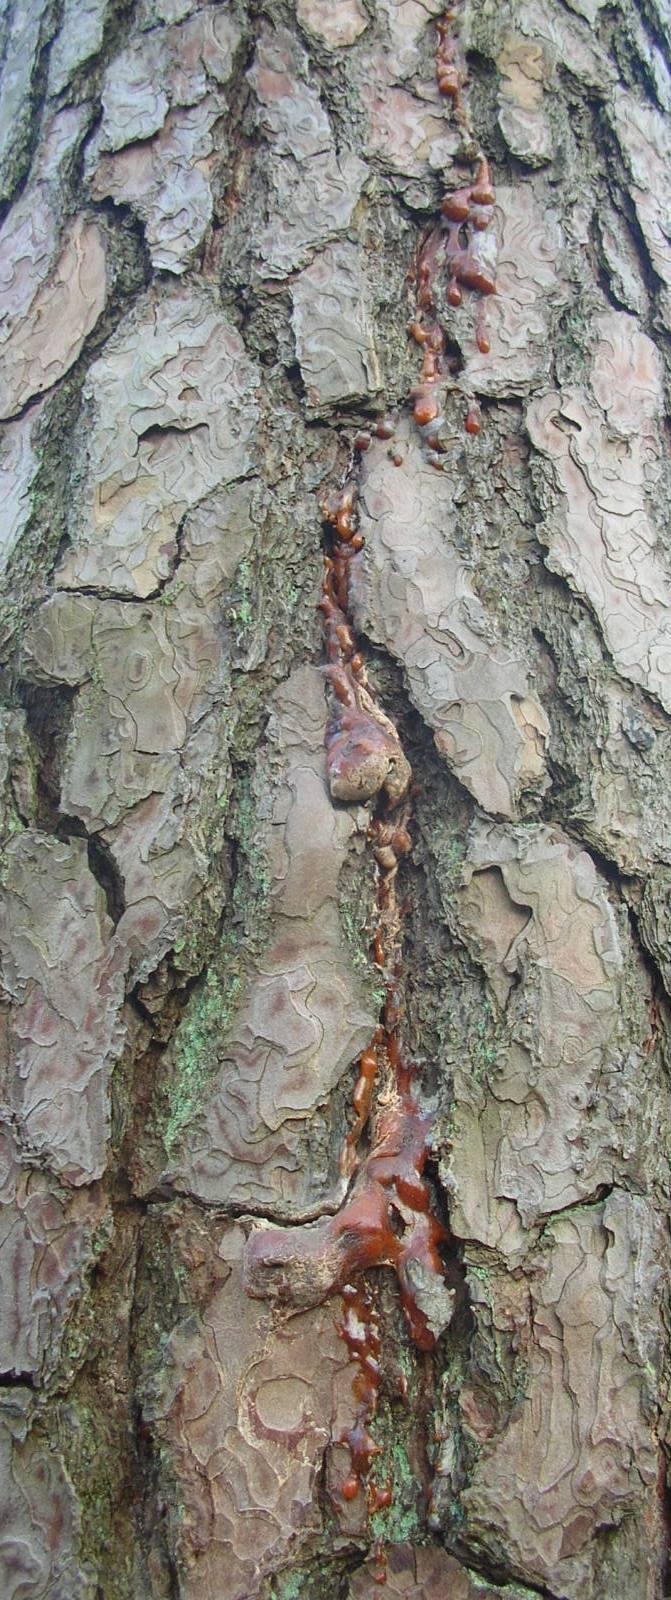 Natürlicher Harzfluss an einer alten WALDKIEFER (Pinus sylvestris) mit außergewöhnlich dunklen Harztropfen.